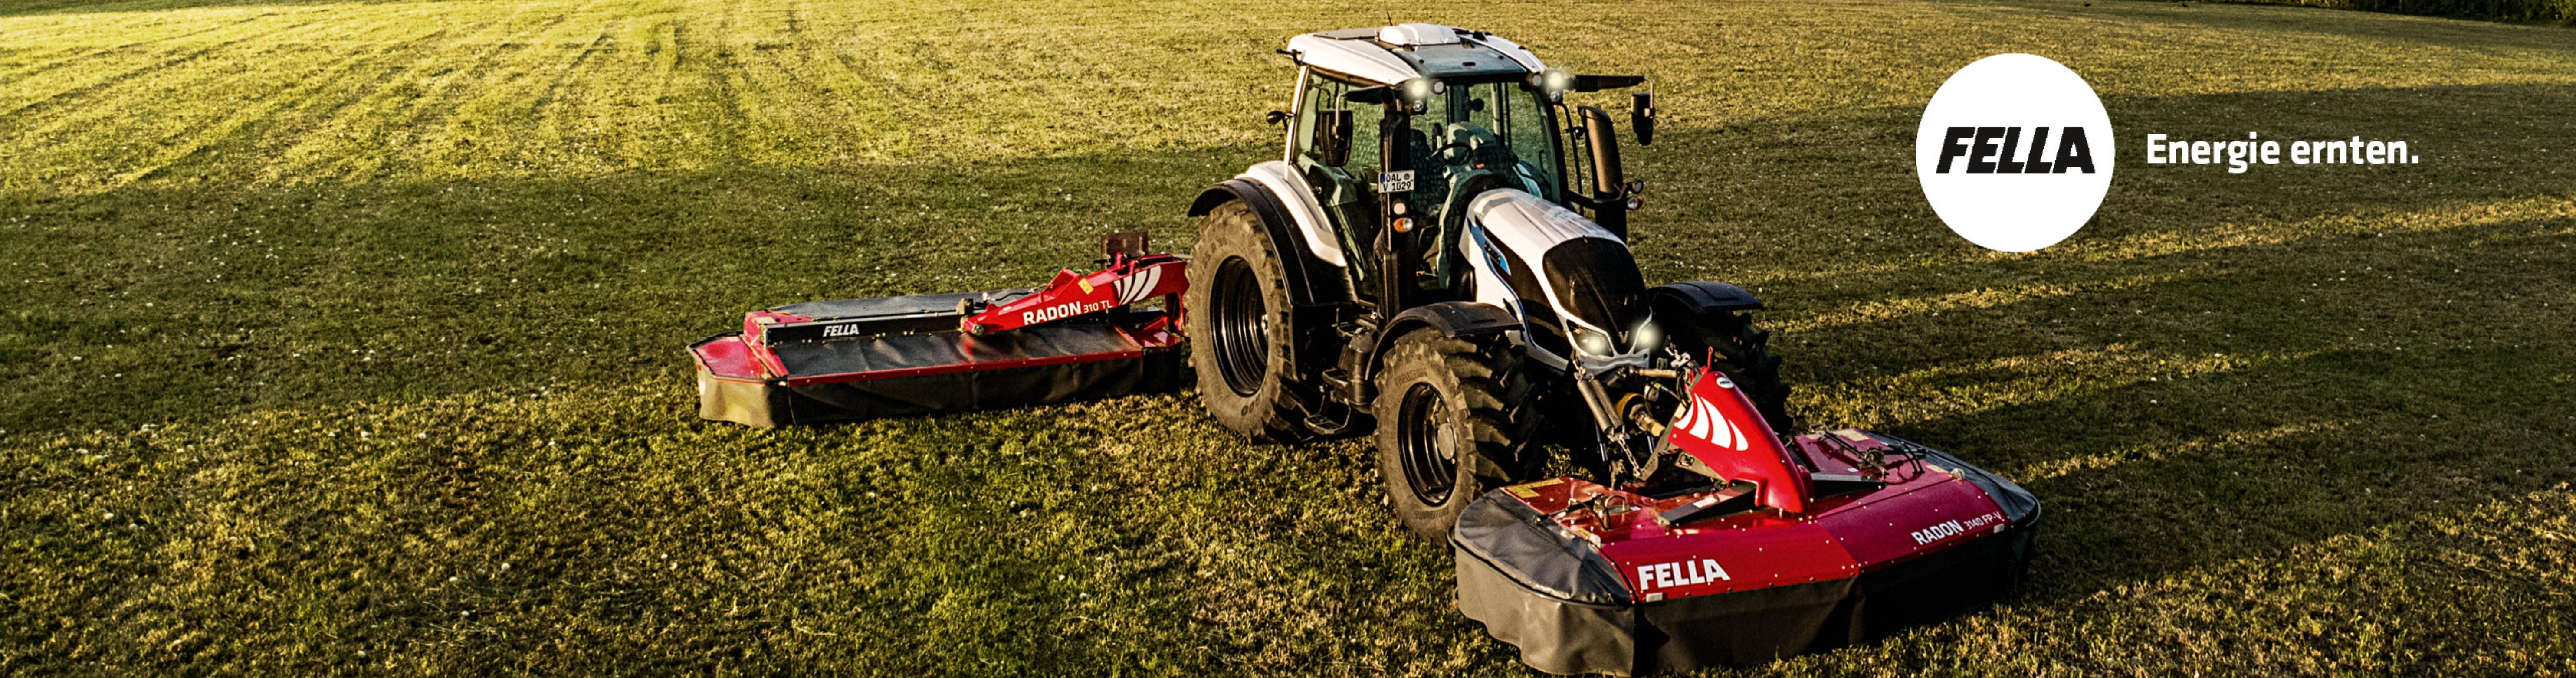 weißer Valtra Traktor mit Fella Frontmähwerk und Kreisler im Einsatz